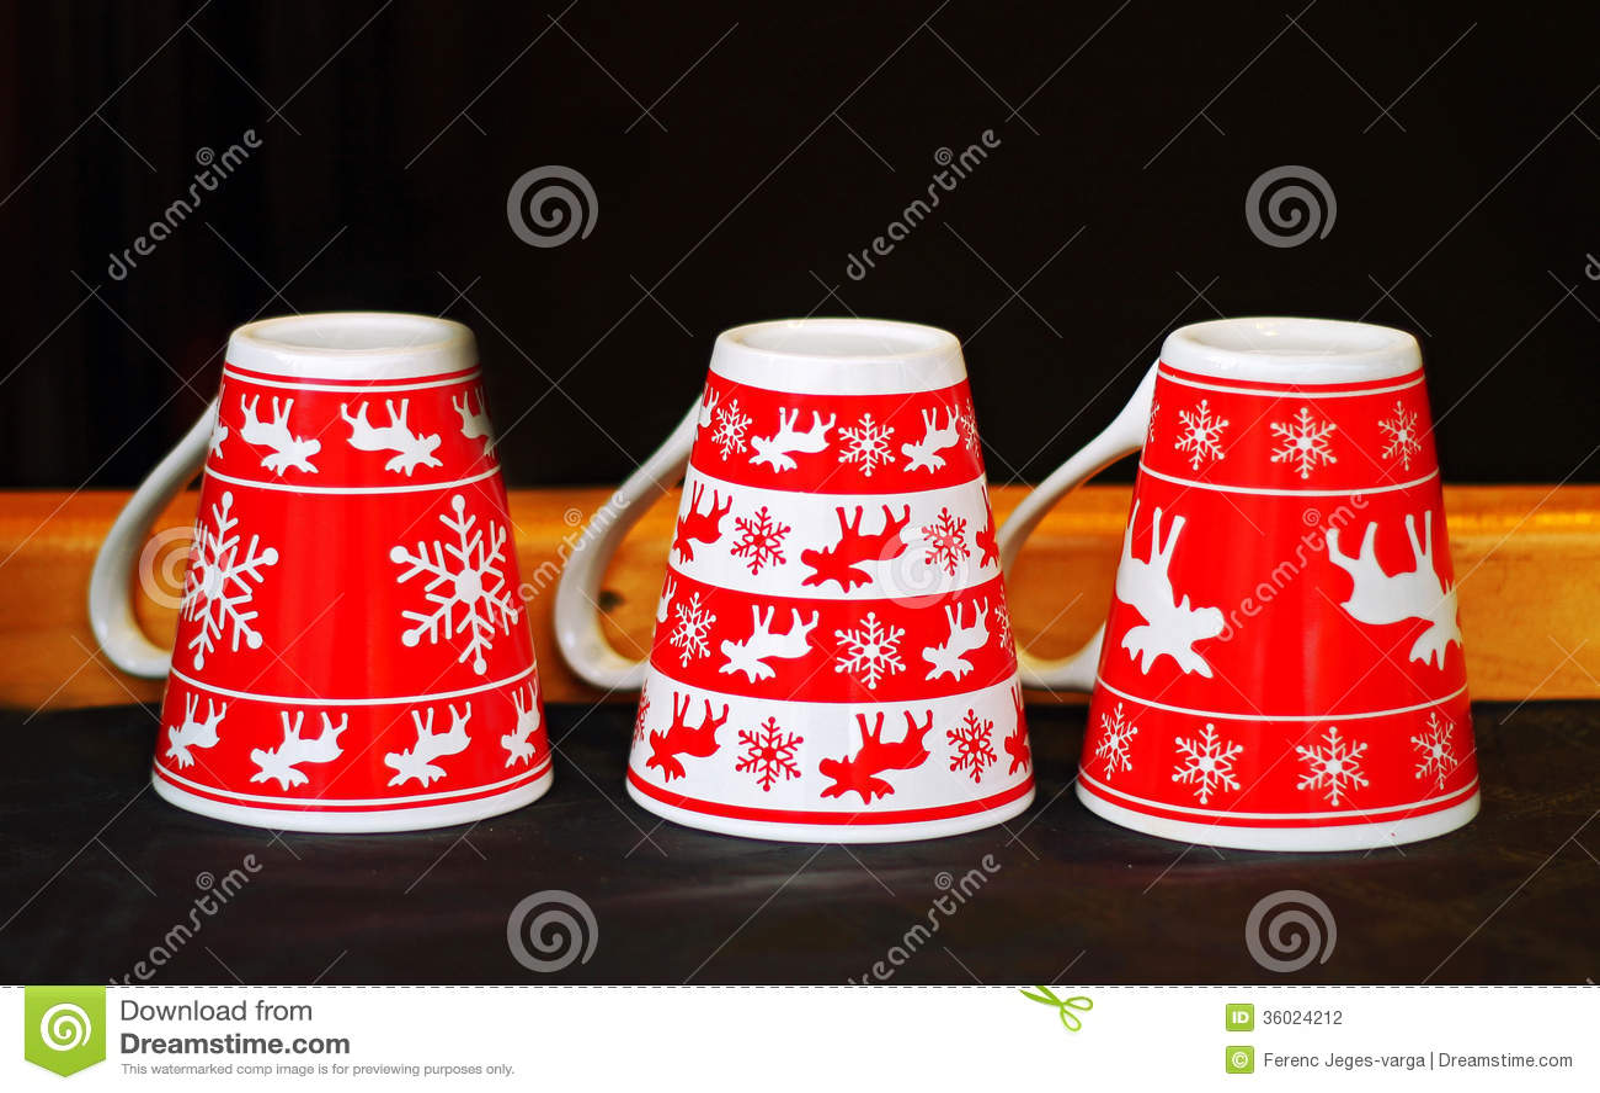 Red christmas mugs